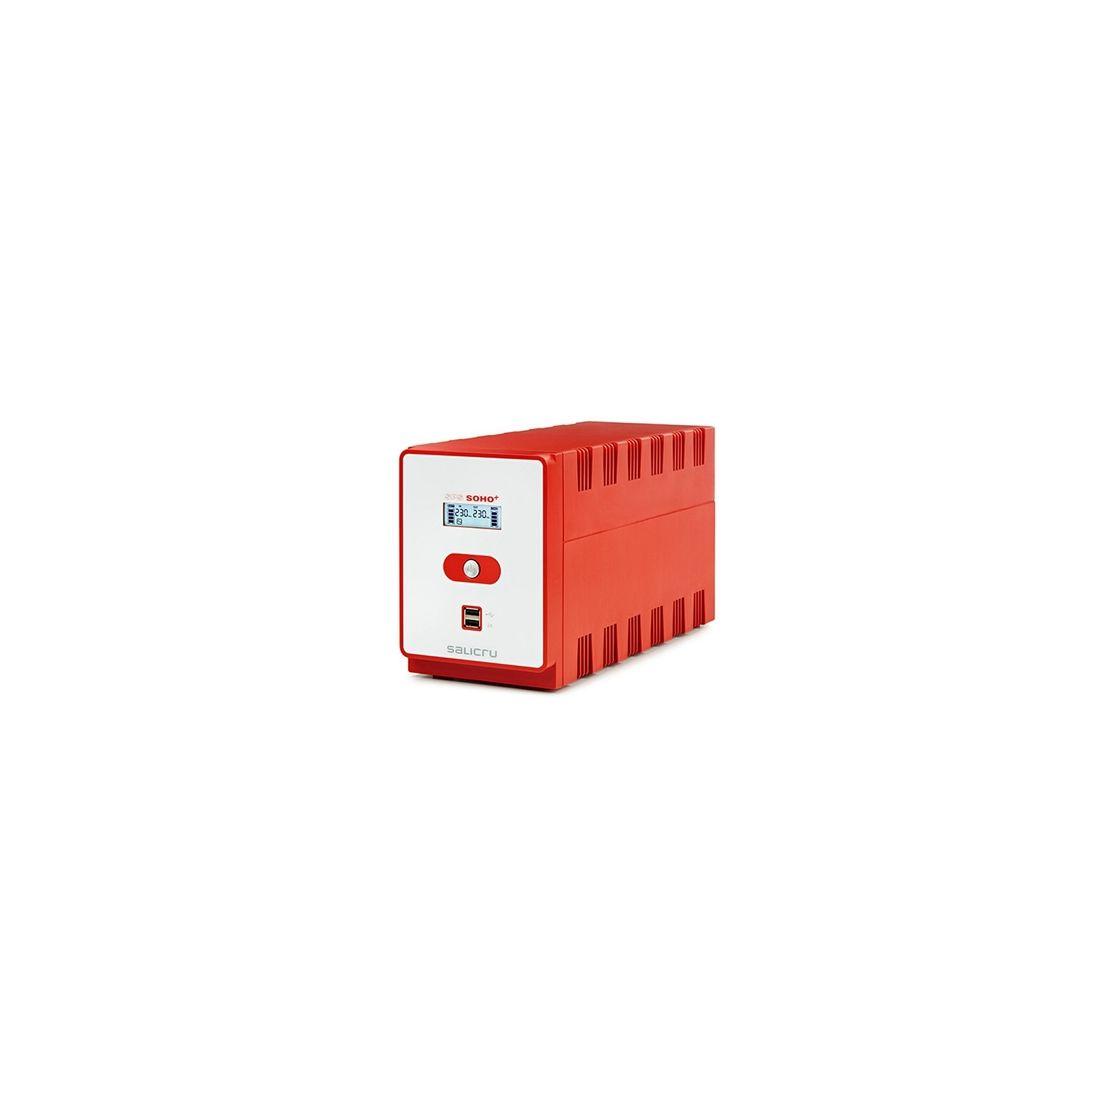 Salicru SPS 1600 SOHO